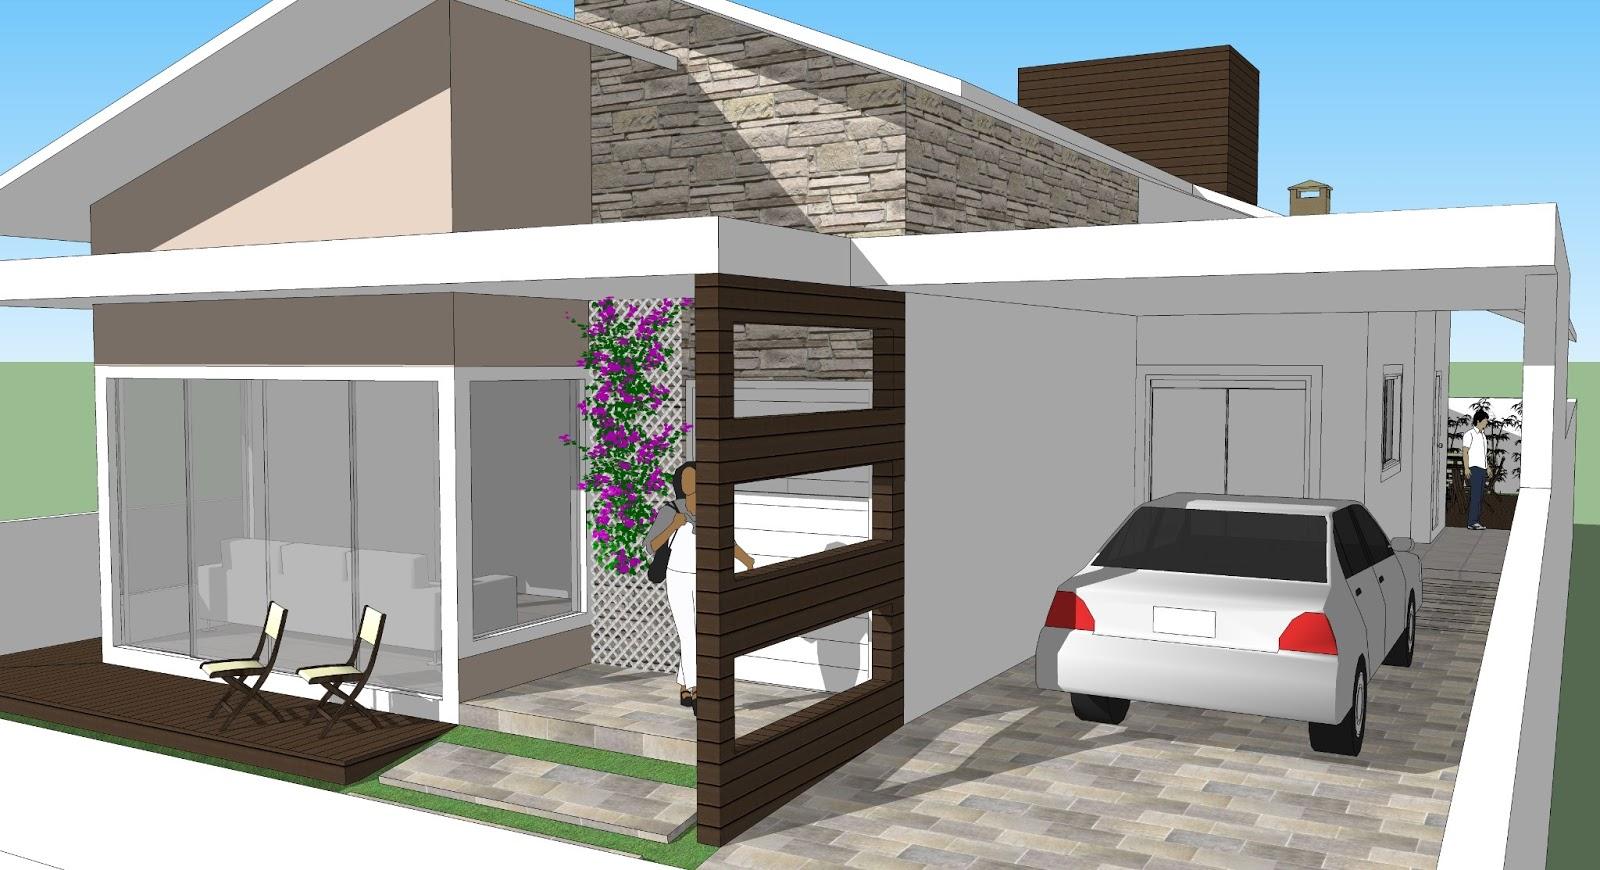 & Design de Interiores Dani Martins: Projetos Arquitetônicos #087CC3 1600 870